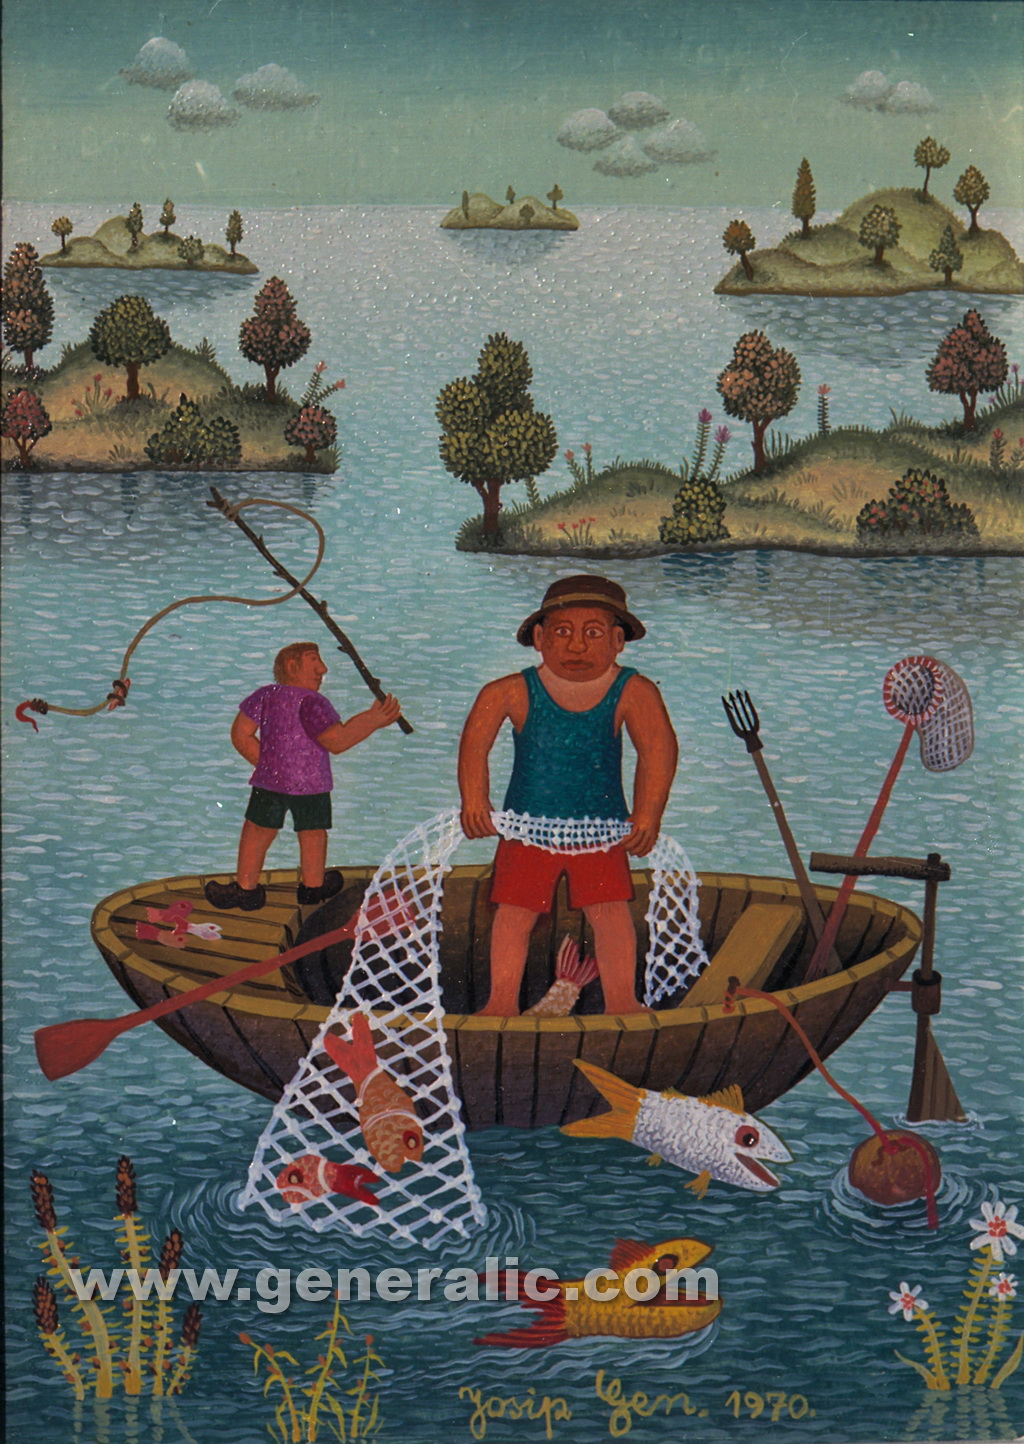 Josip Generalic, 1971, Net fishing, oil on canvas